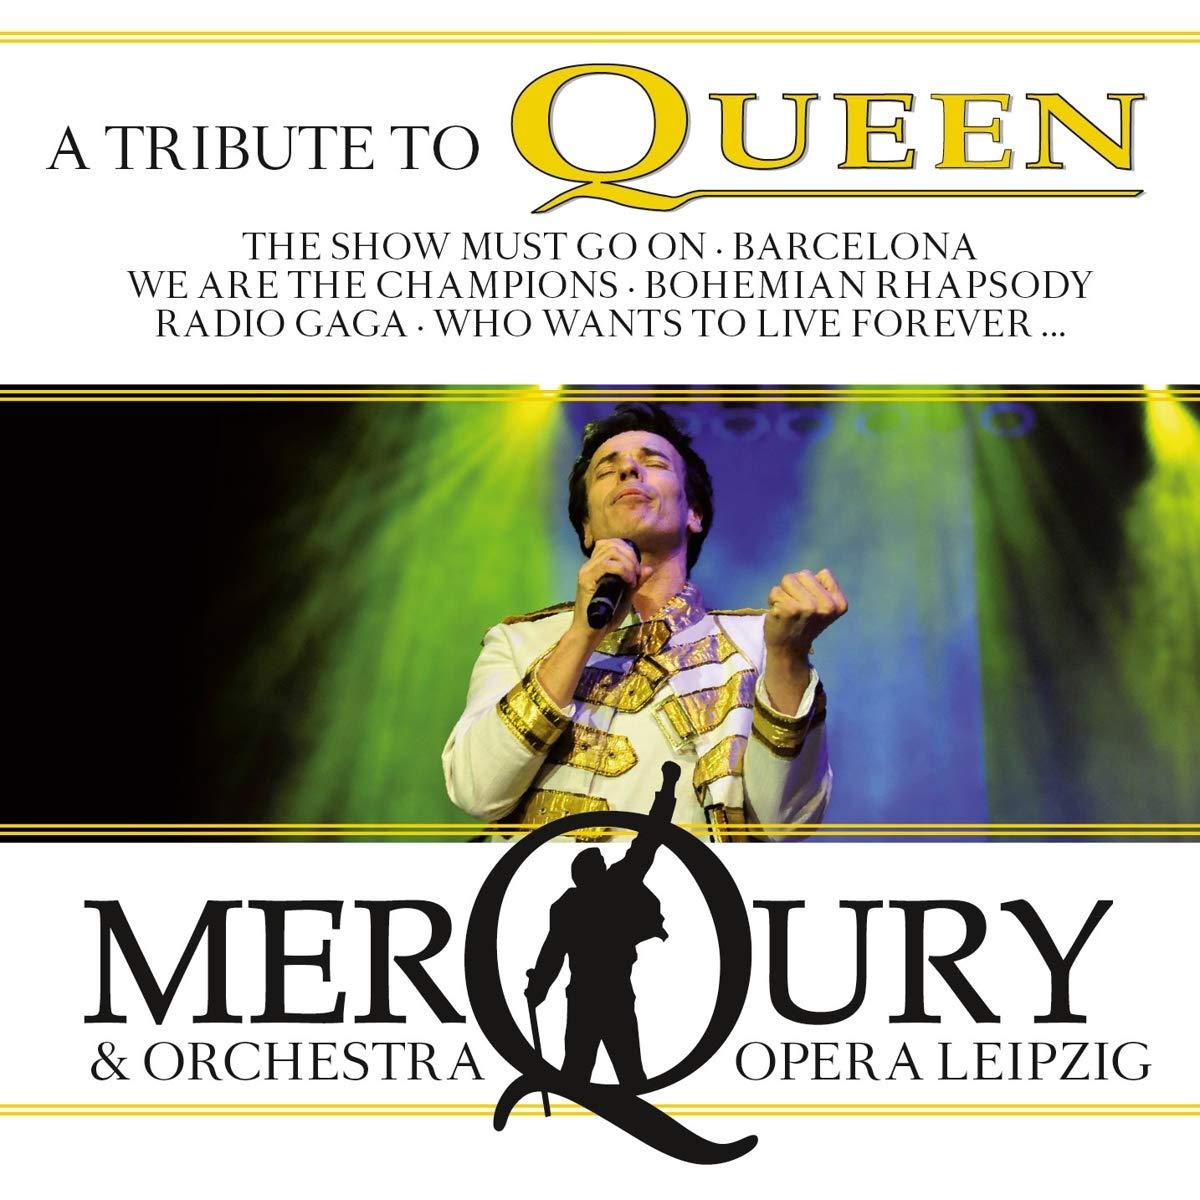 цена Merqury & Orchestra Opera Leip. Queen Klassical Merqury & Orchestra Opera Leip. Queen, Tribute To (2 CD) онлайн в 2017 году